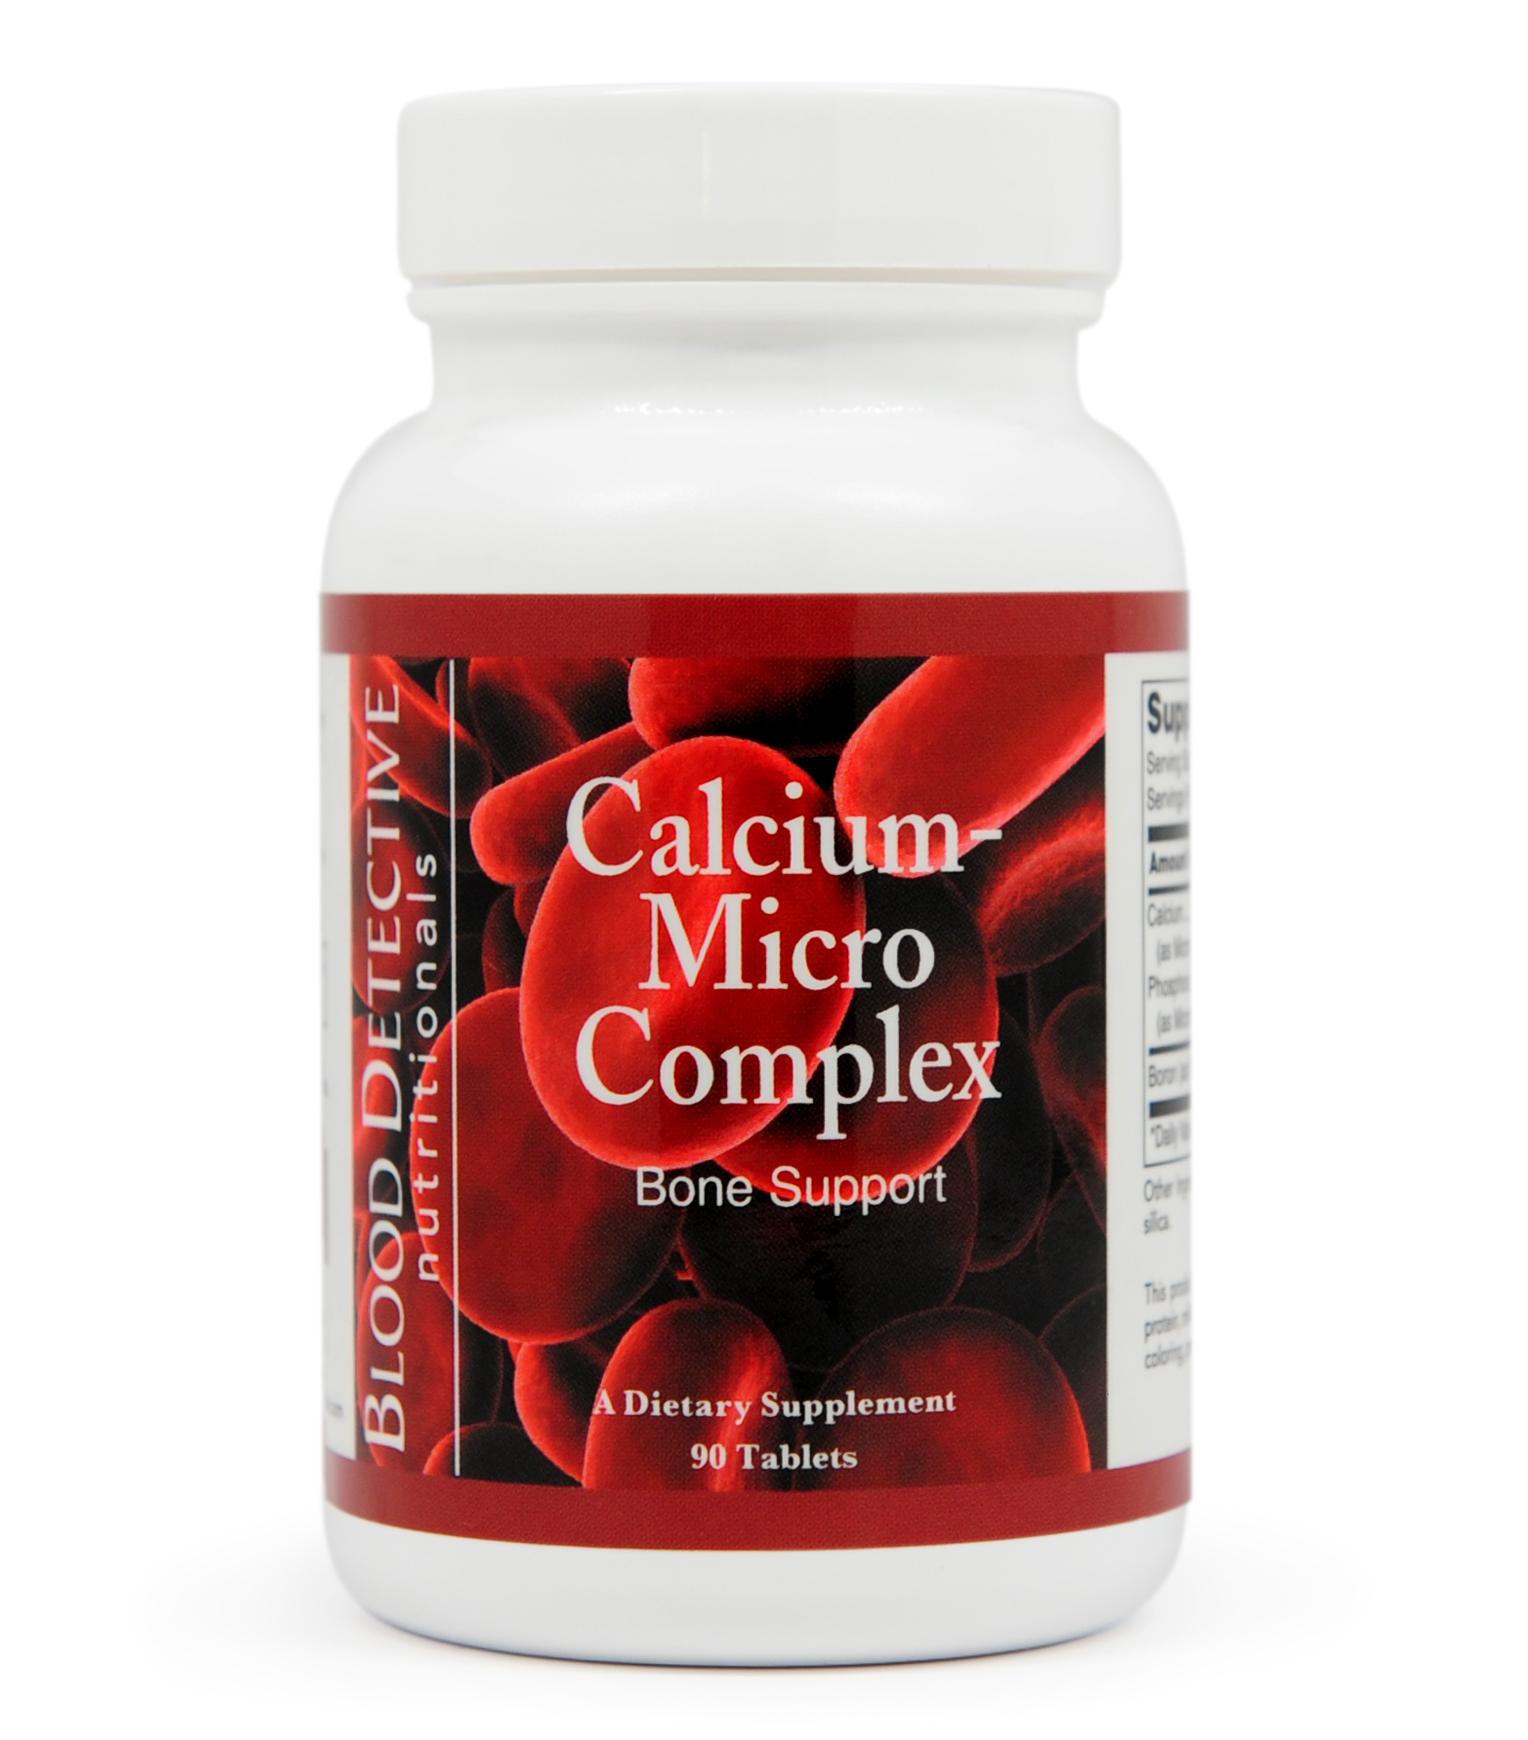 Calcium-Micro-Complex-200x300.png